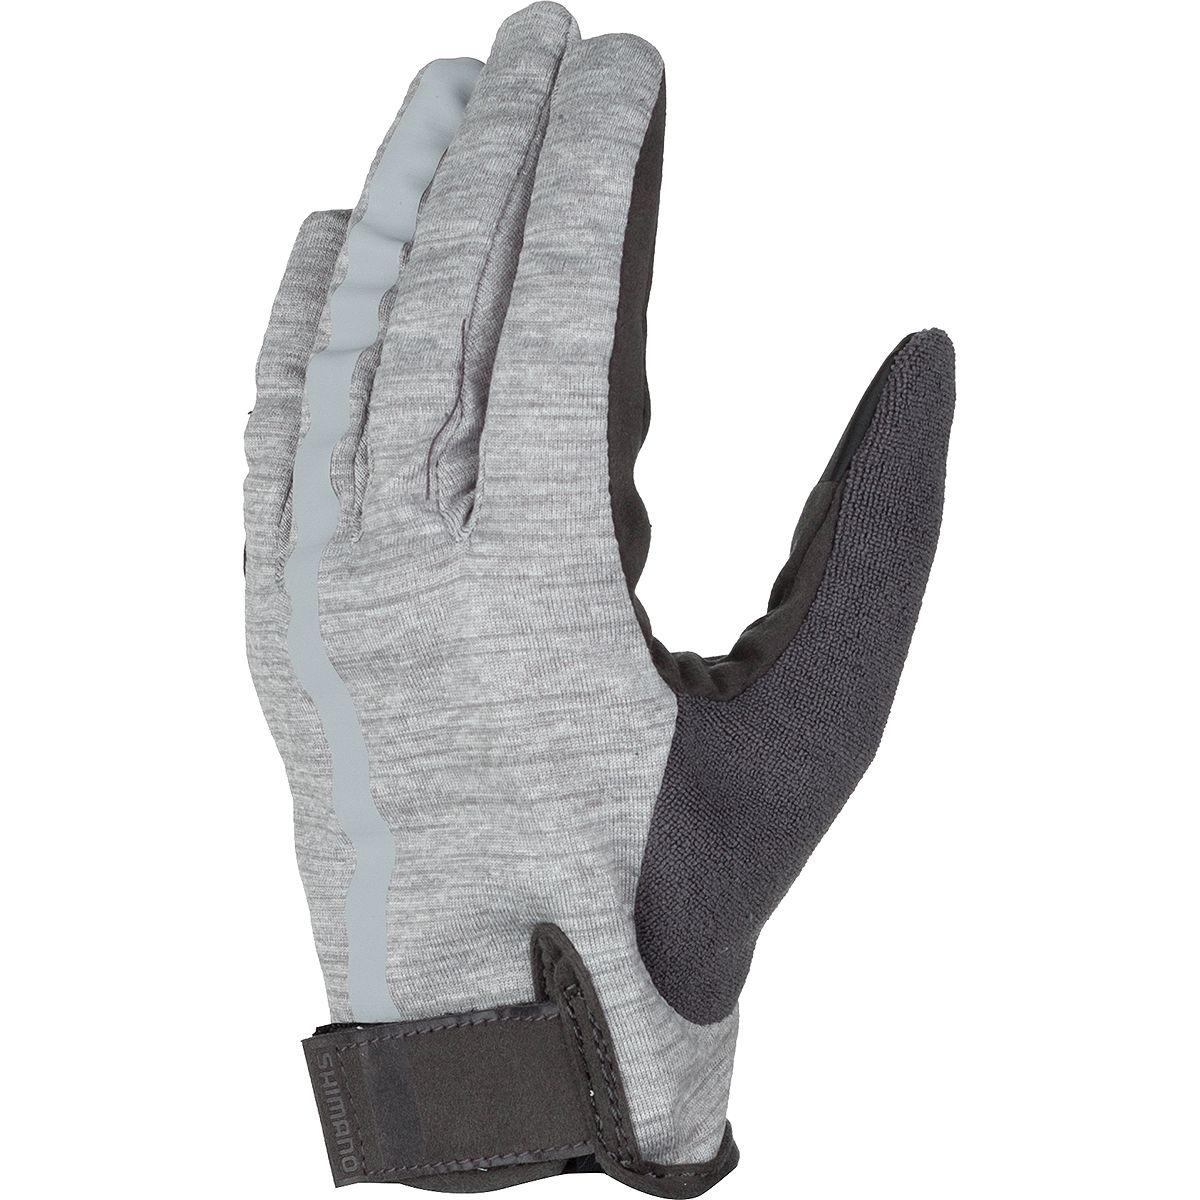 Shimano Transit Long Glove - Men's